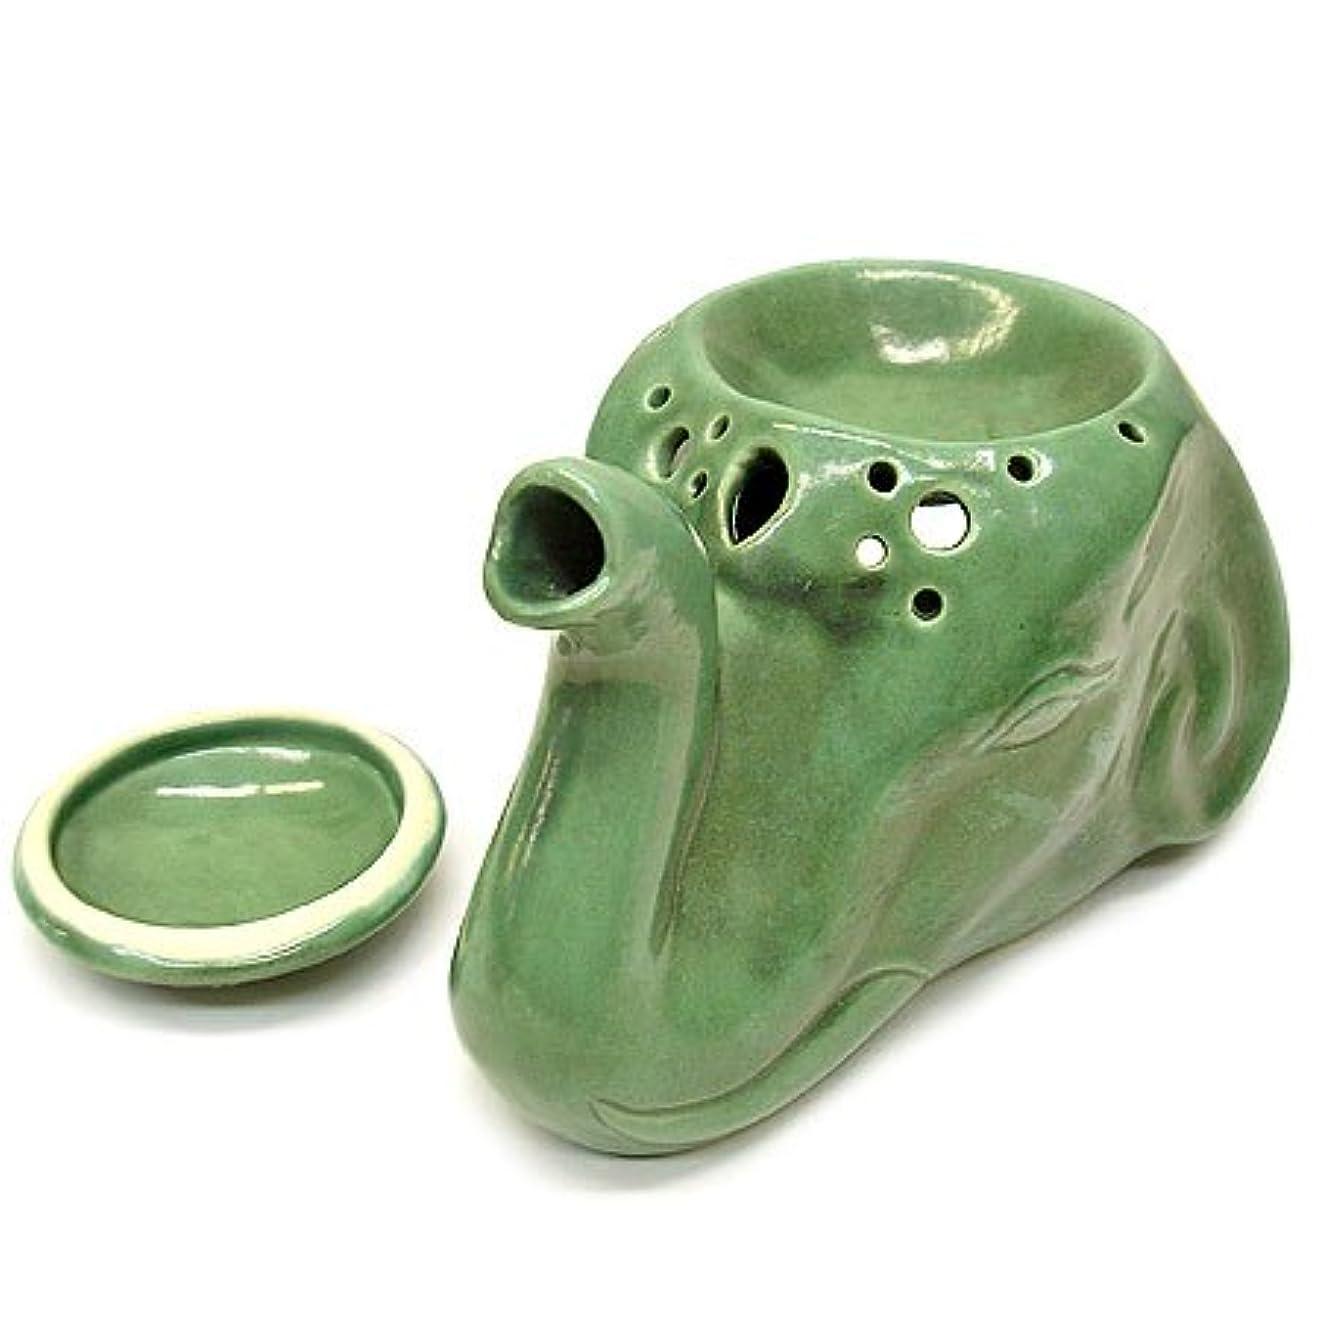 モンキー非難カニタバナン 象のアロマオイルバーナーセット 緑アジアン雑貨